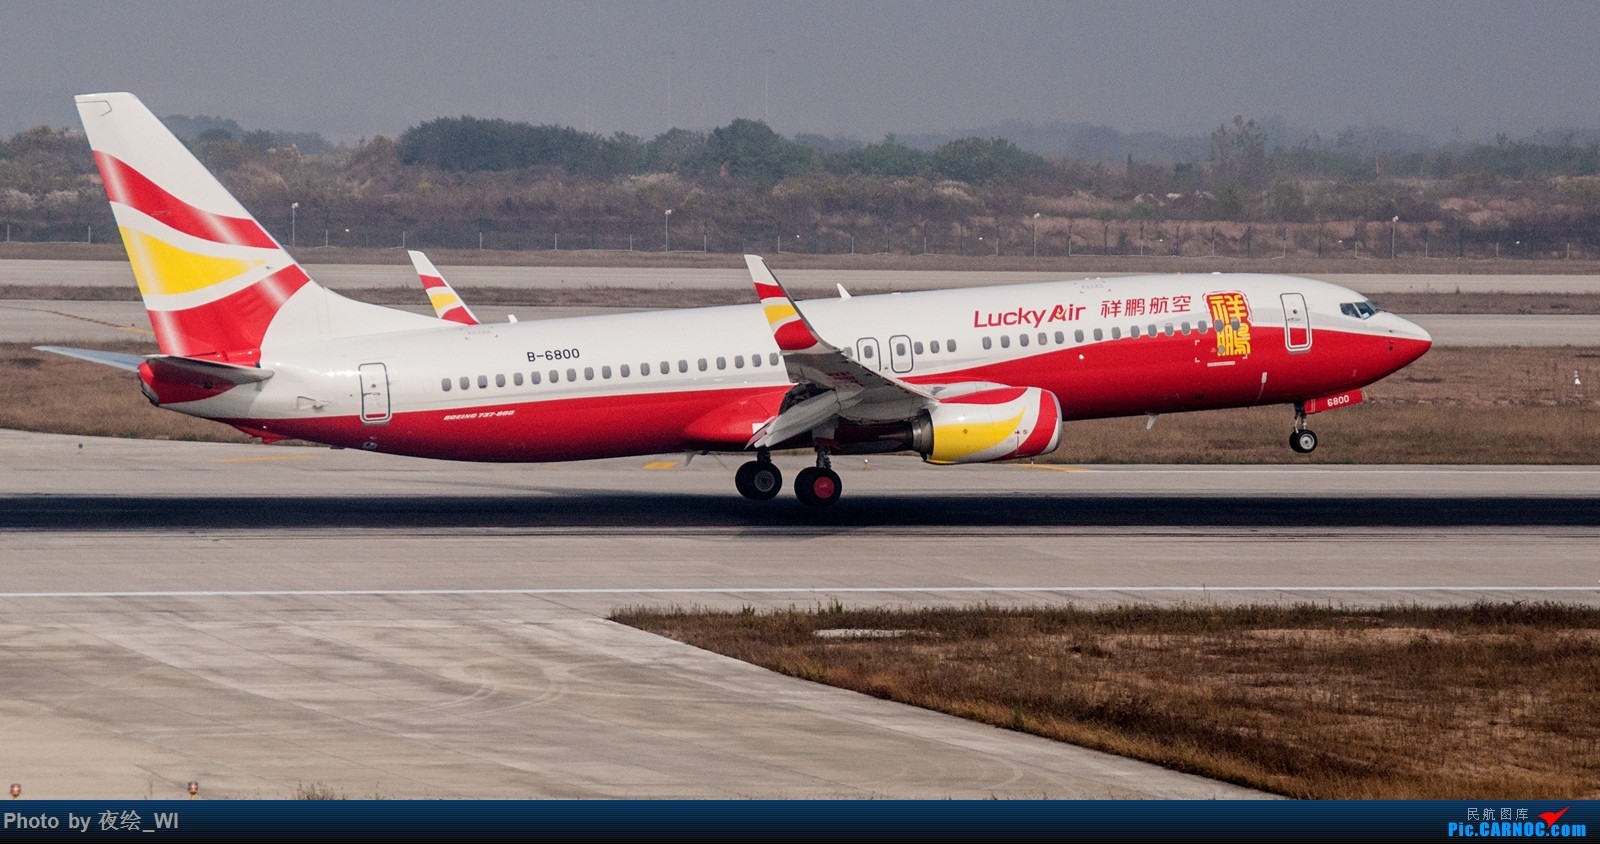 [原创]【NKG】生日第二天就去拍机,日常练手+练后期,今天是胶片味 BOEING 737-800 B-6800 中国南京禄口国际机场